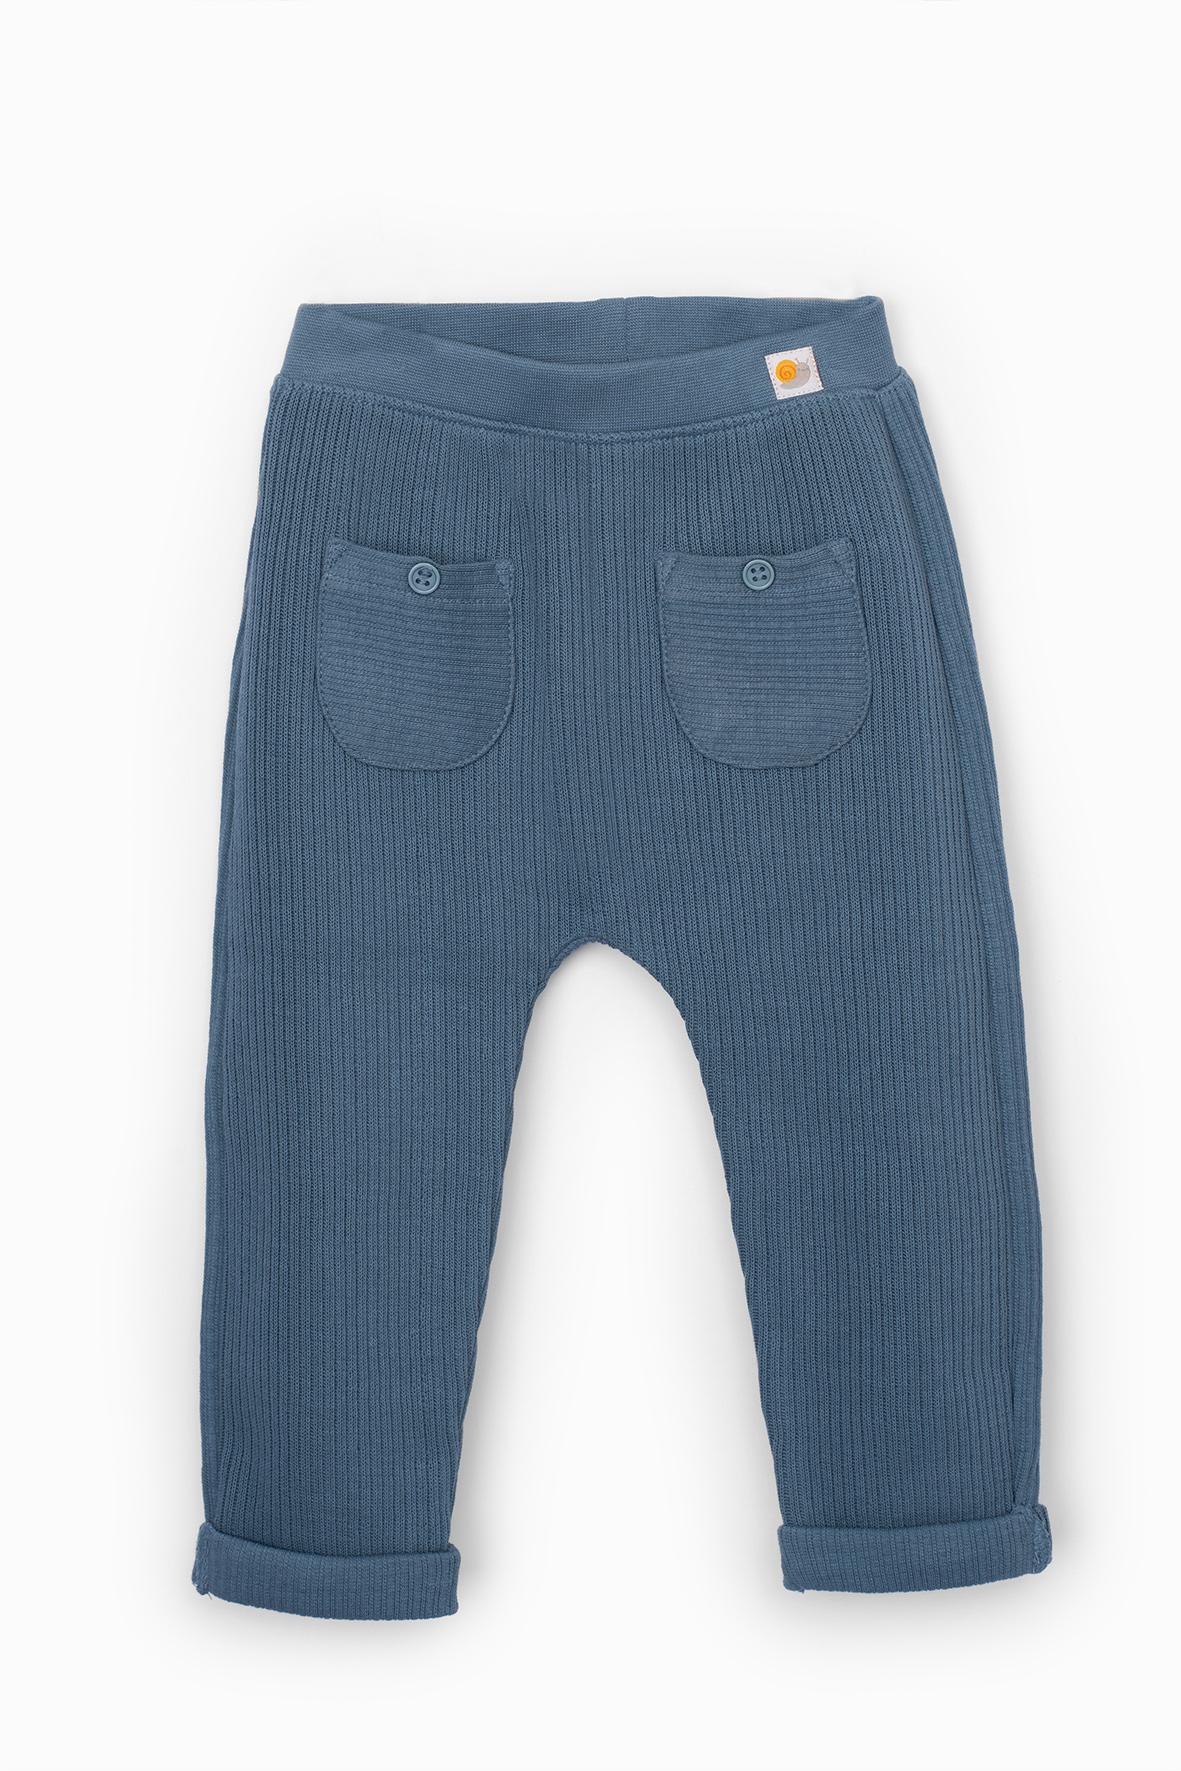 Spodnie dla chłopca 5M4001